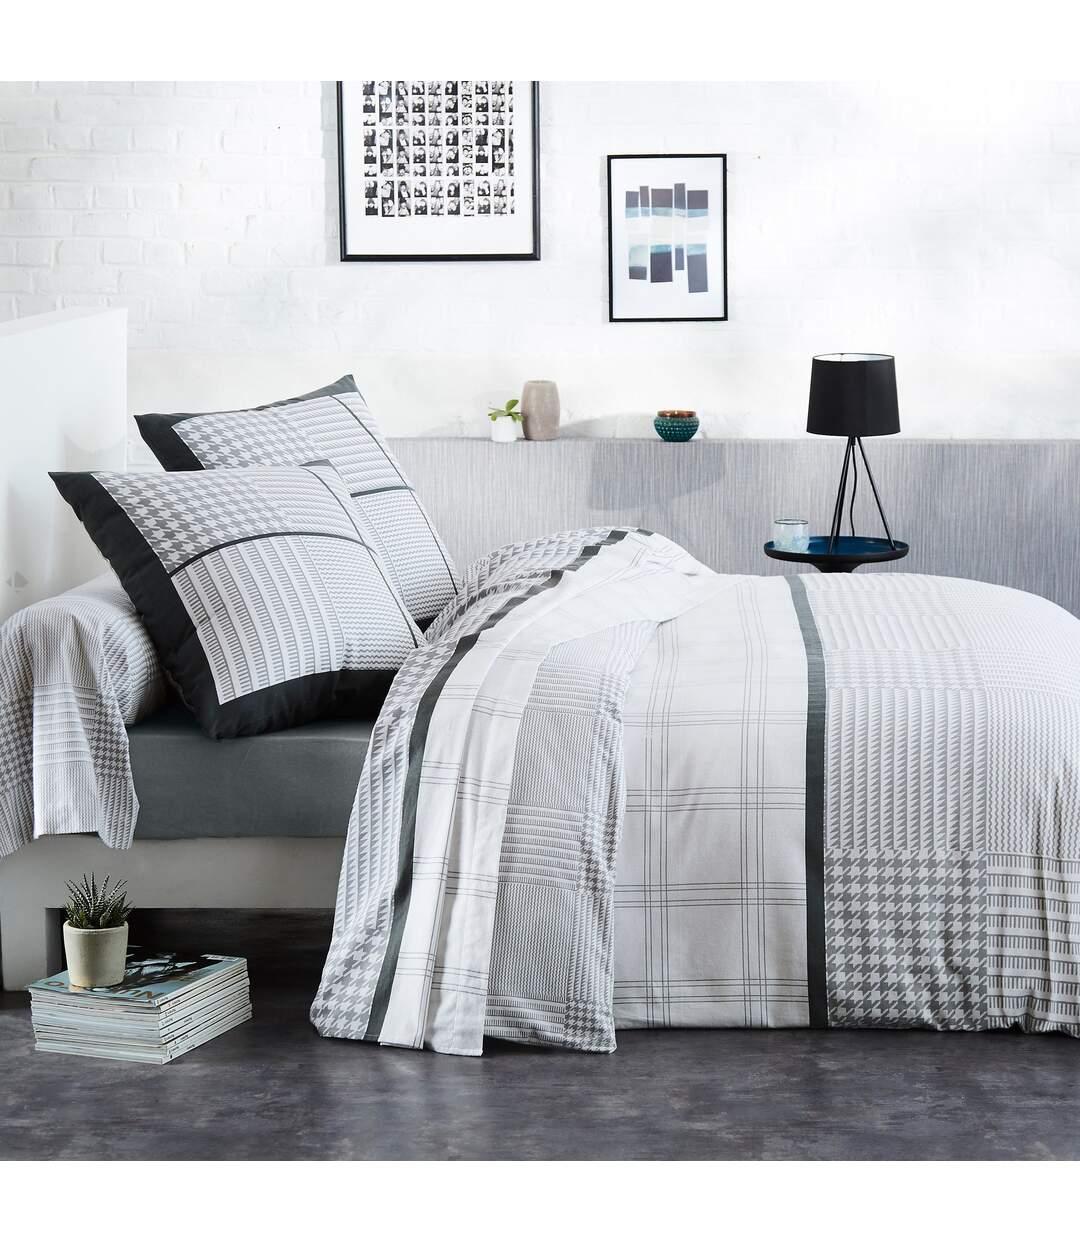 Parure de lit 140x200 cm flanelle de coton DANDY gris 2 pièces